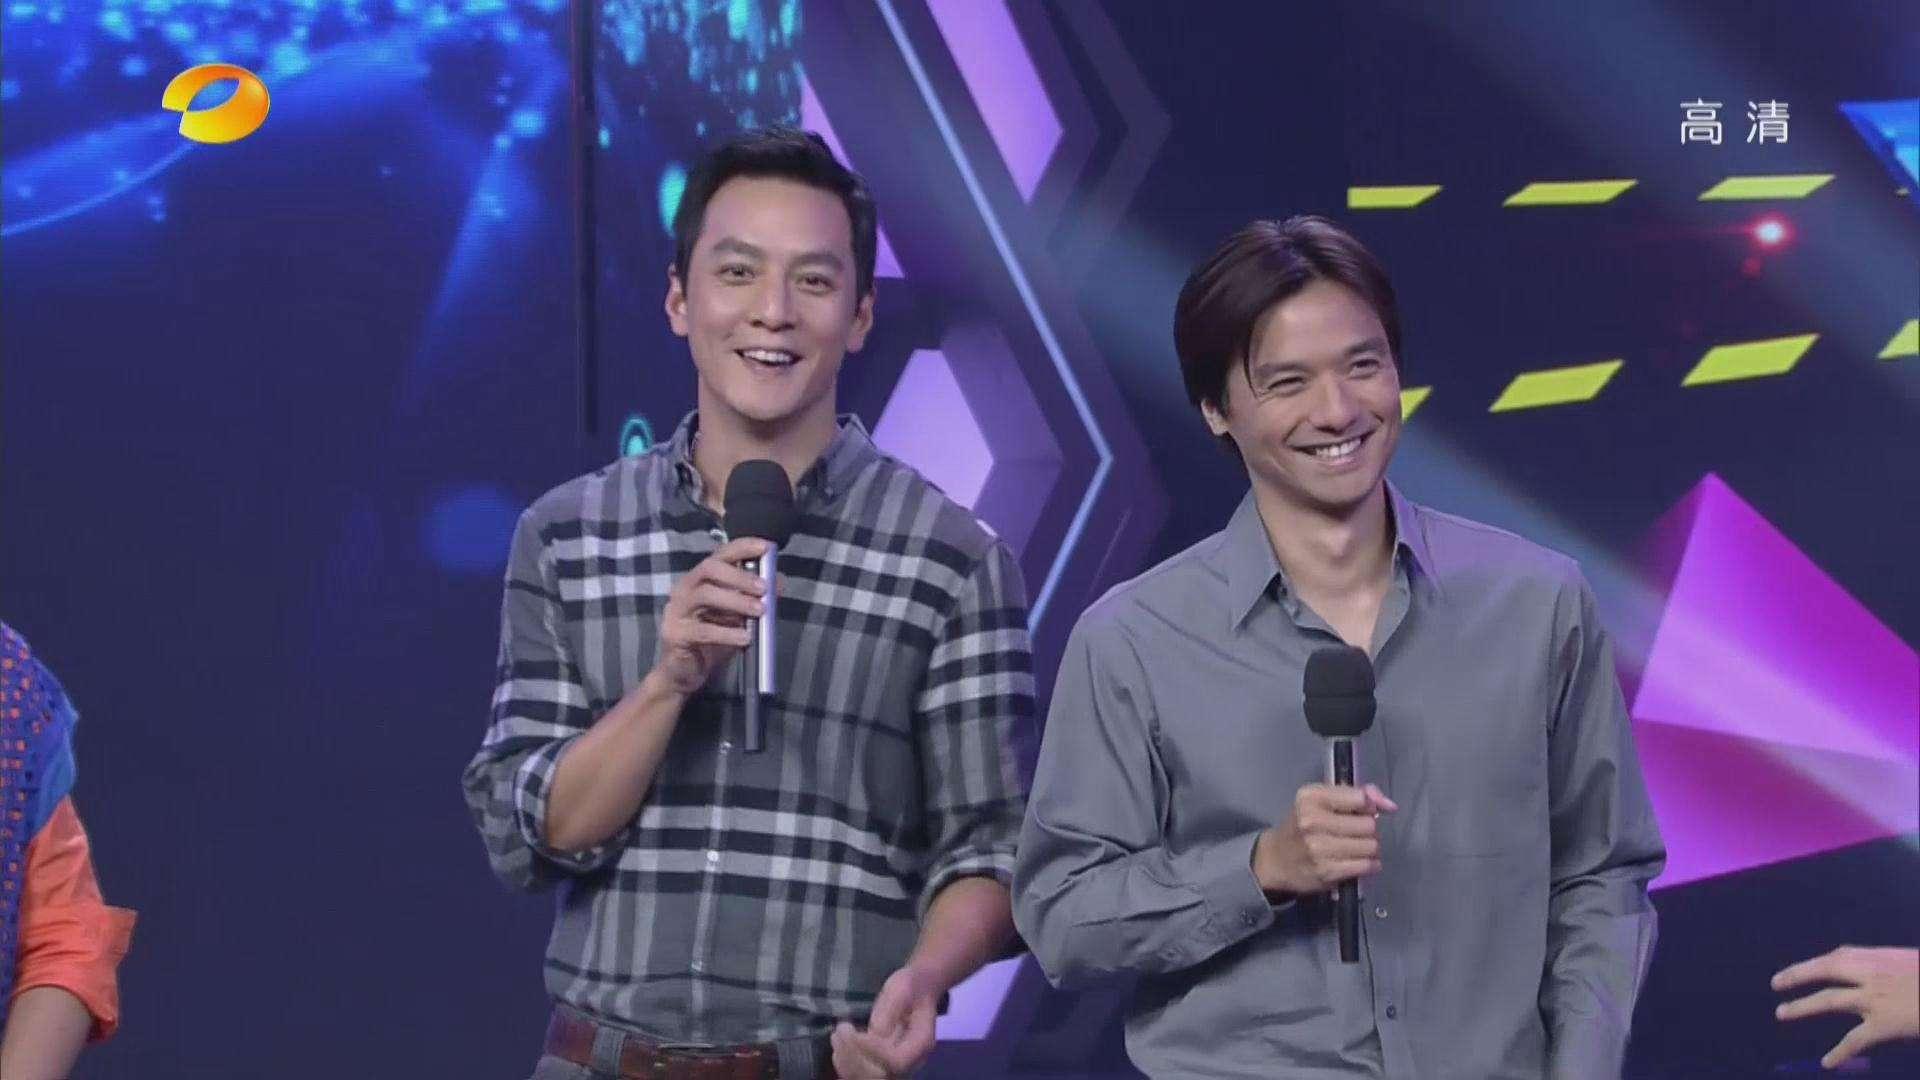 2017年4月23日综艺节目收视率排行榜,快乐大本营收视率第一